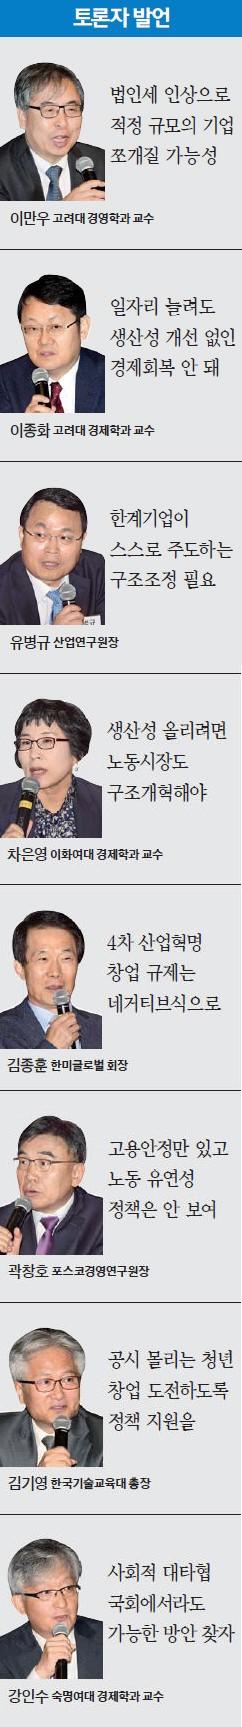 """[한경 밀레니엄포럼] 김동연 """"노동시장 수요·공급·구조개혁 함께 풀어야 일자리 문제 해결"""""""